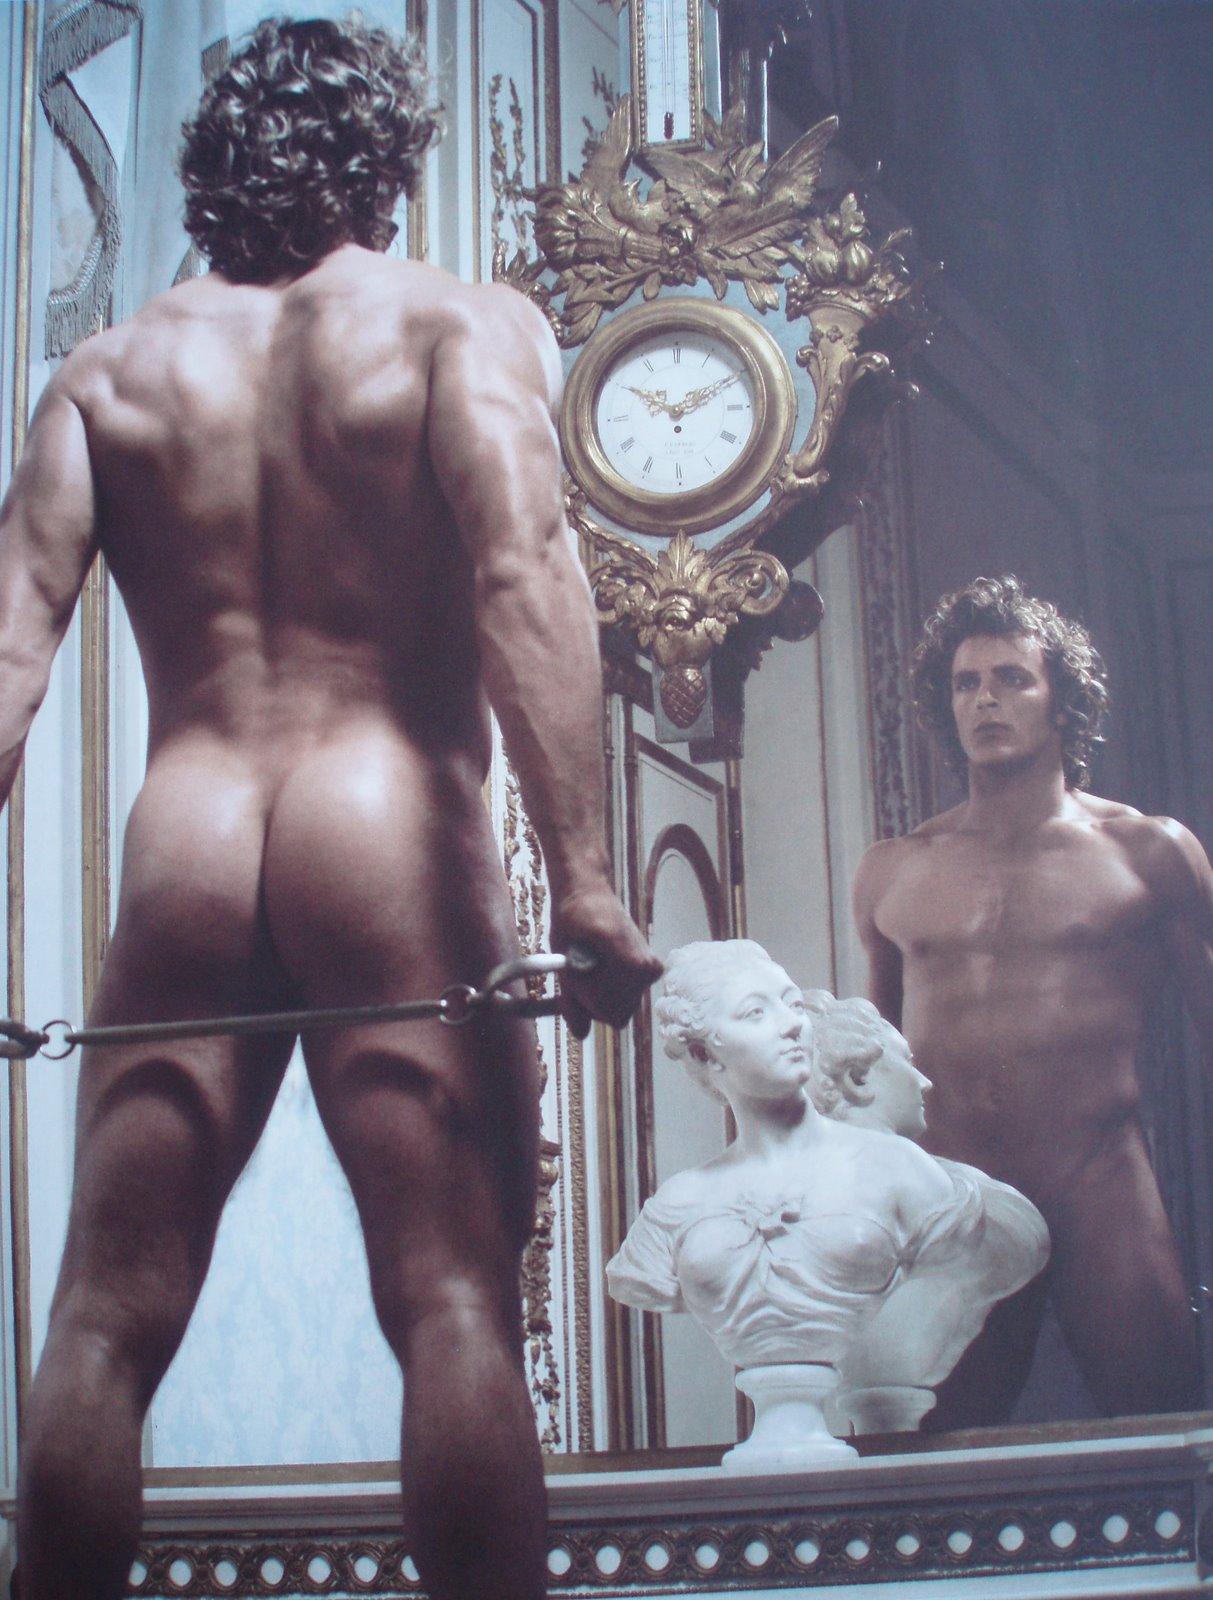 Фото стриптиз голых парней 18 фотография